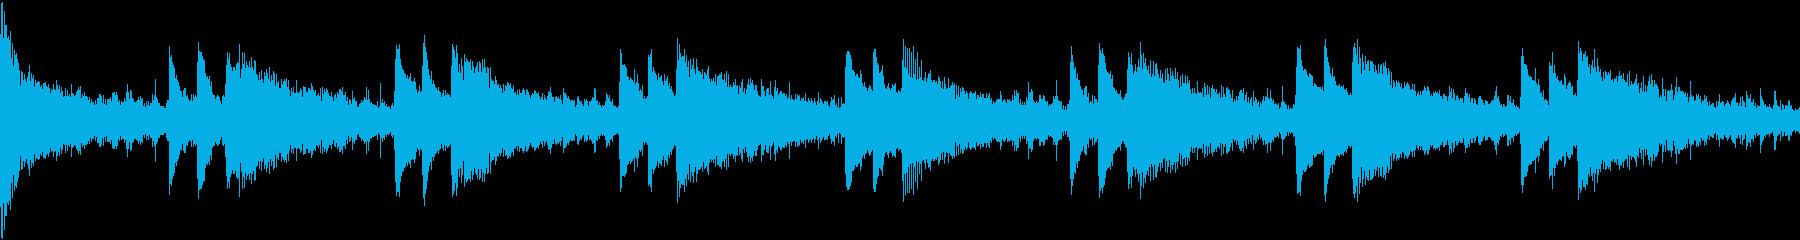 【ループE】パワフルで高揚感ピアノEDMの再生済みの波形